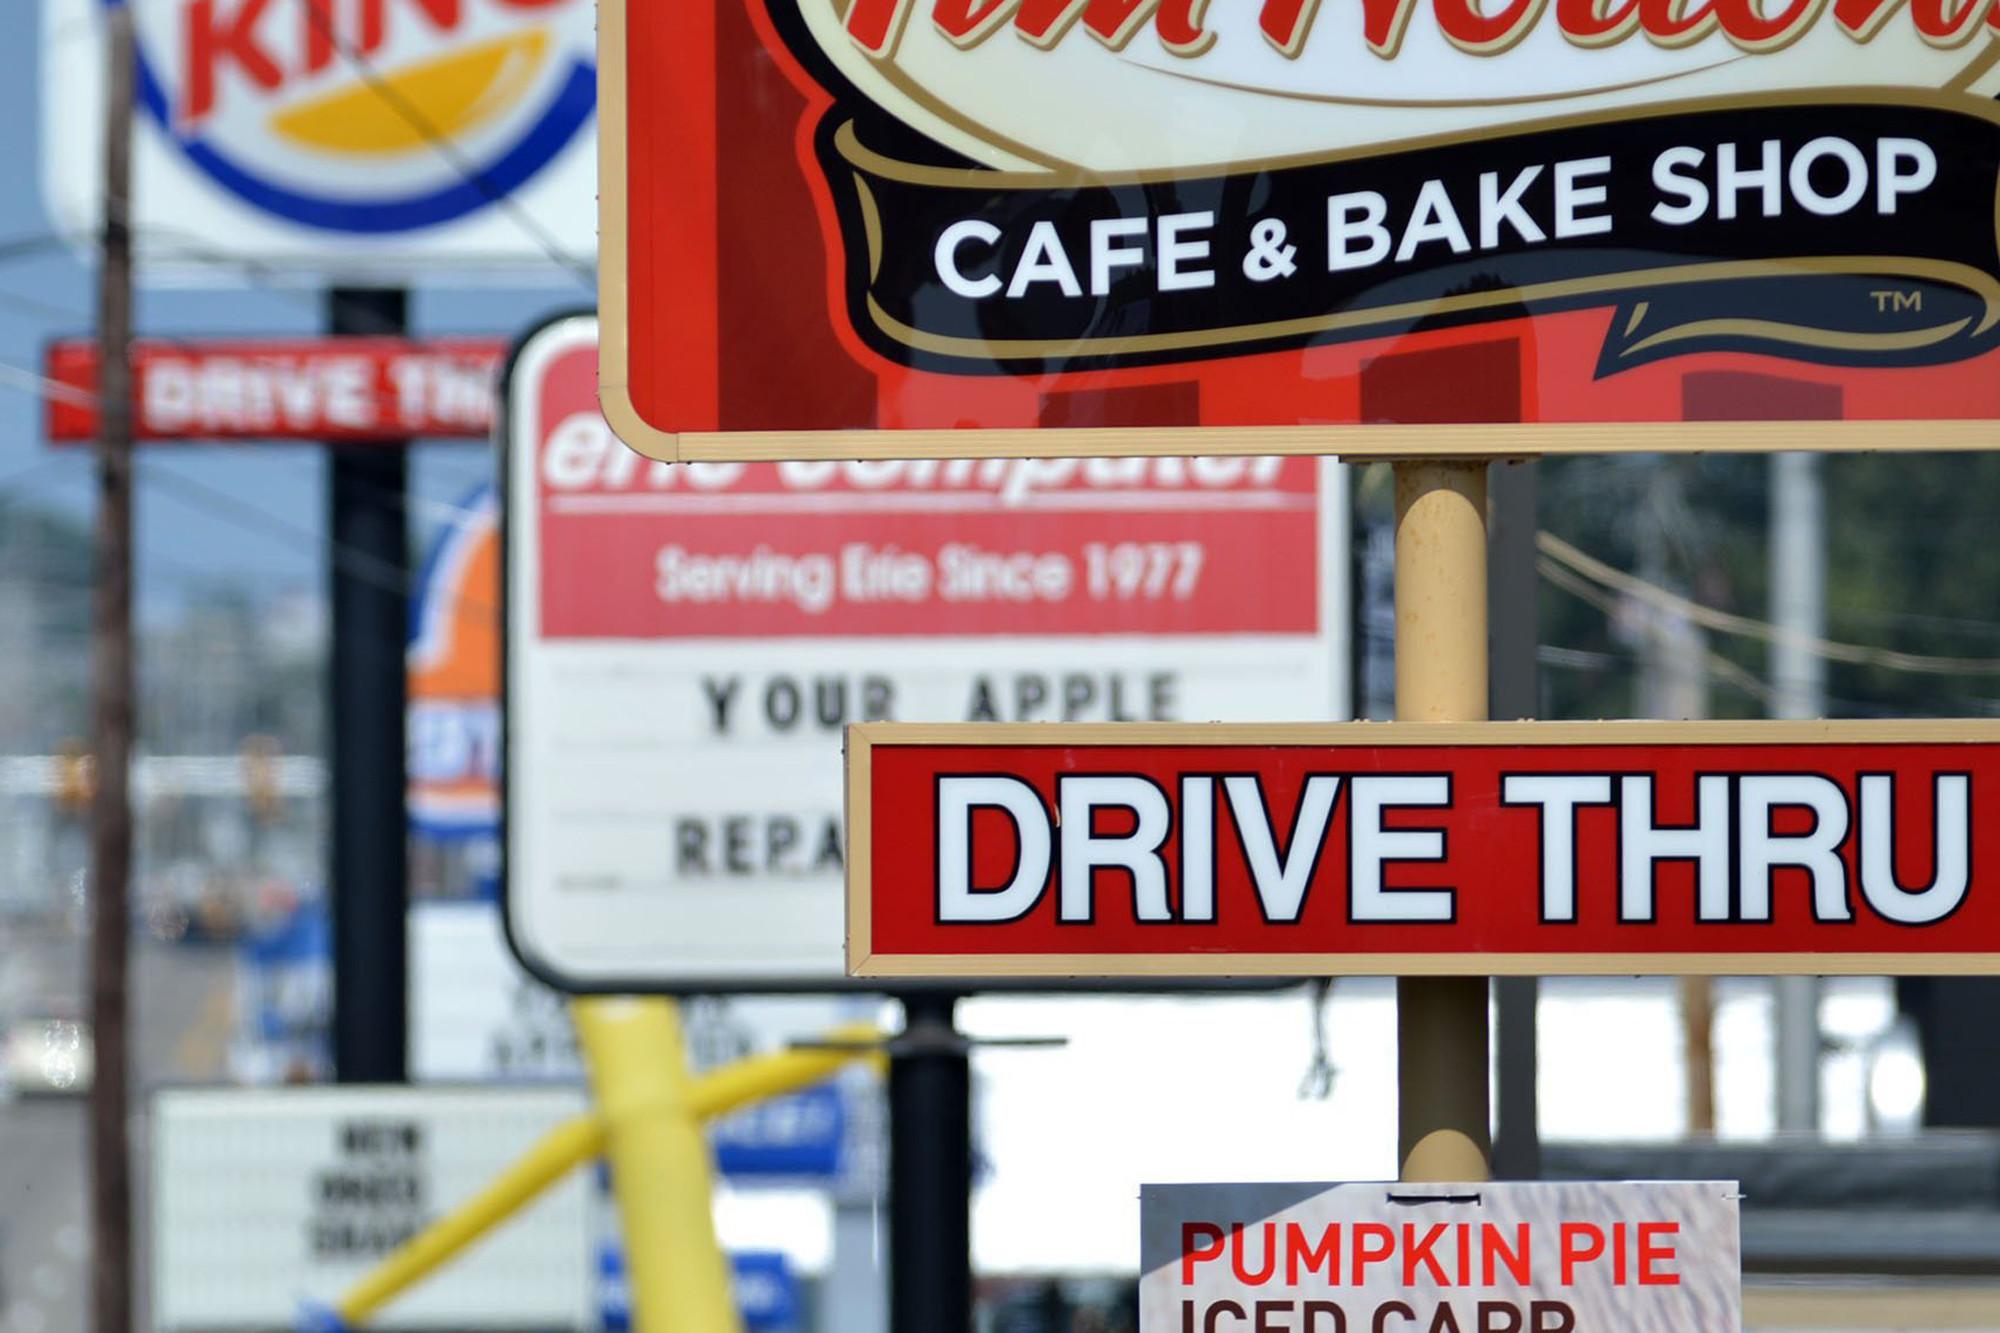 For richer or poorer, we all eat fast food - news.osu.edu